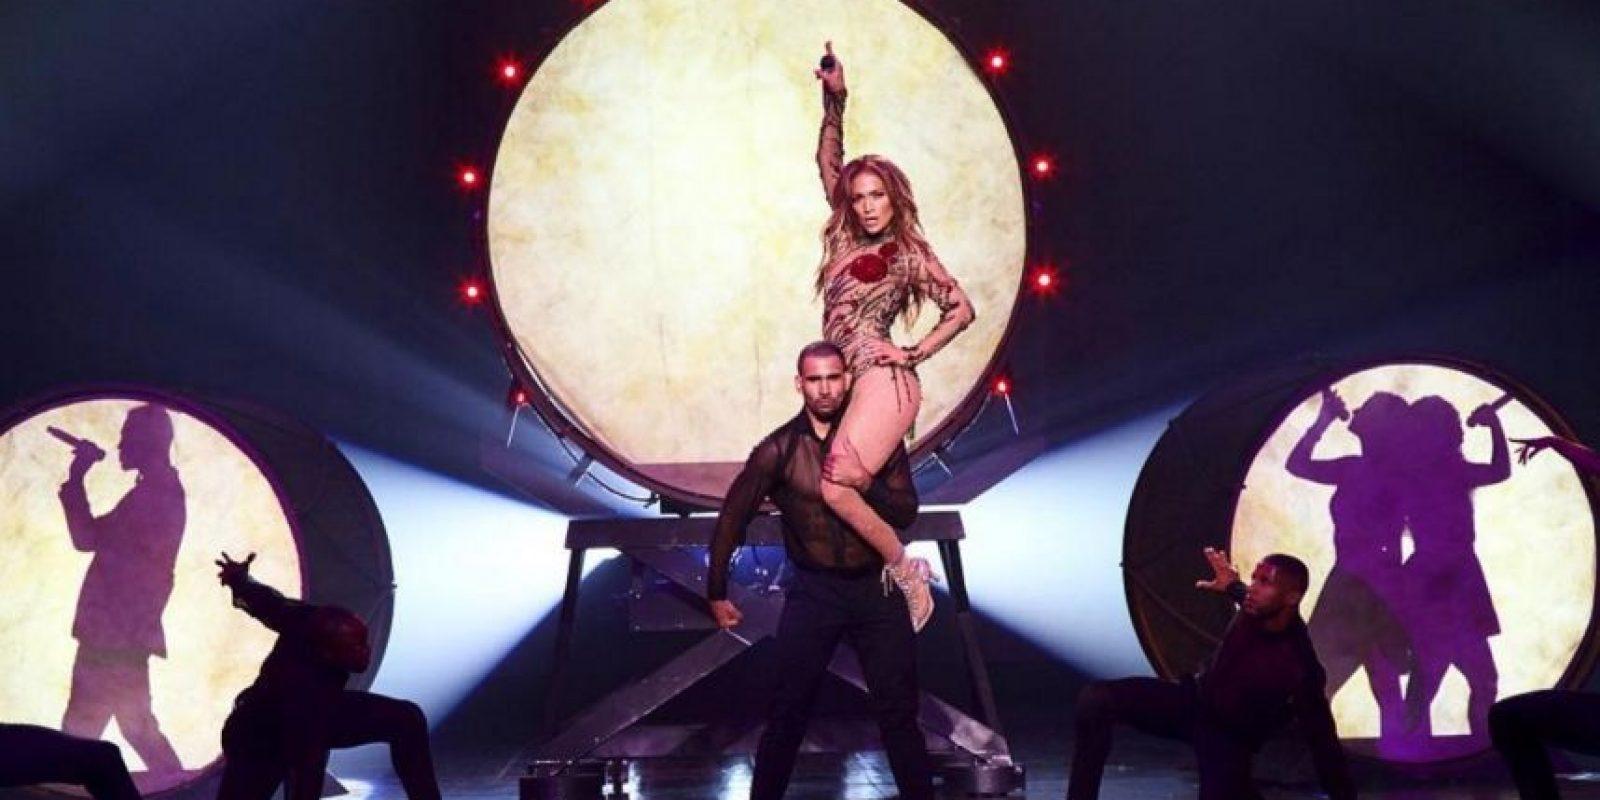 """La cantante bailó al ritmo de """"La Gasolina"""" Foto:Vía instagram.com/jlo/?hl=es"""